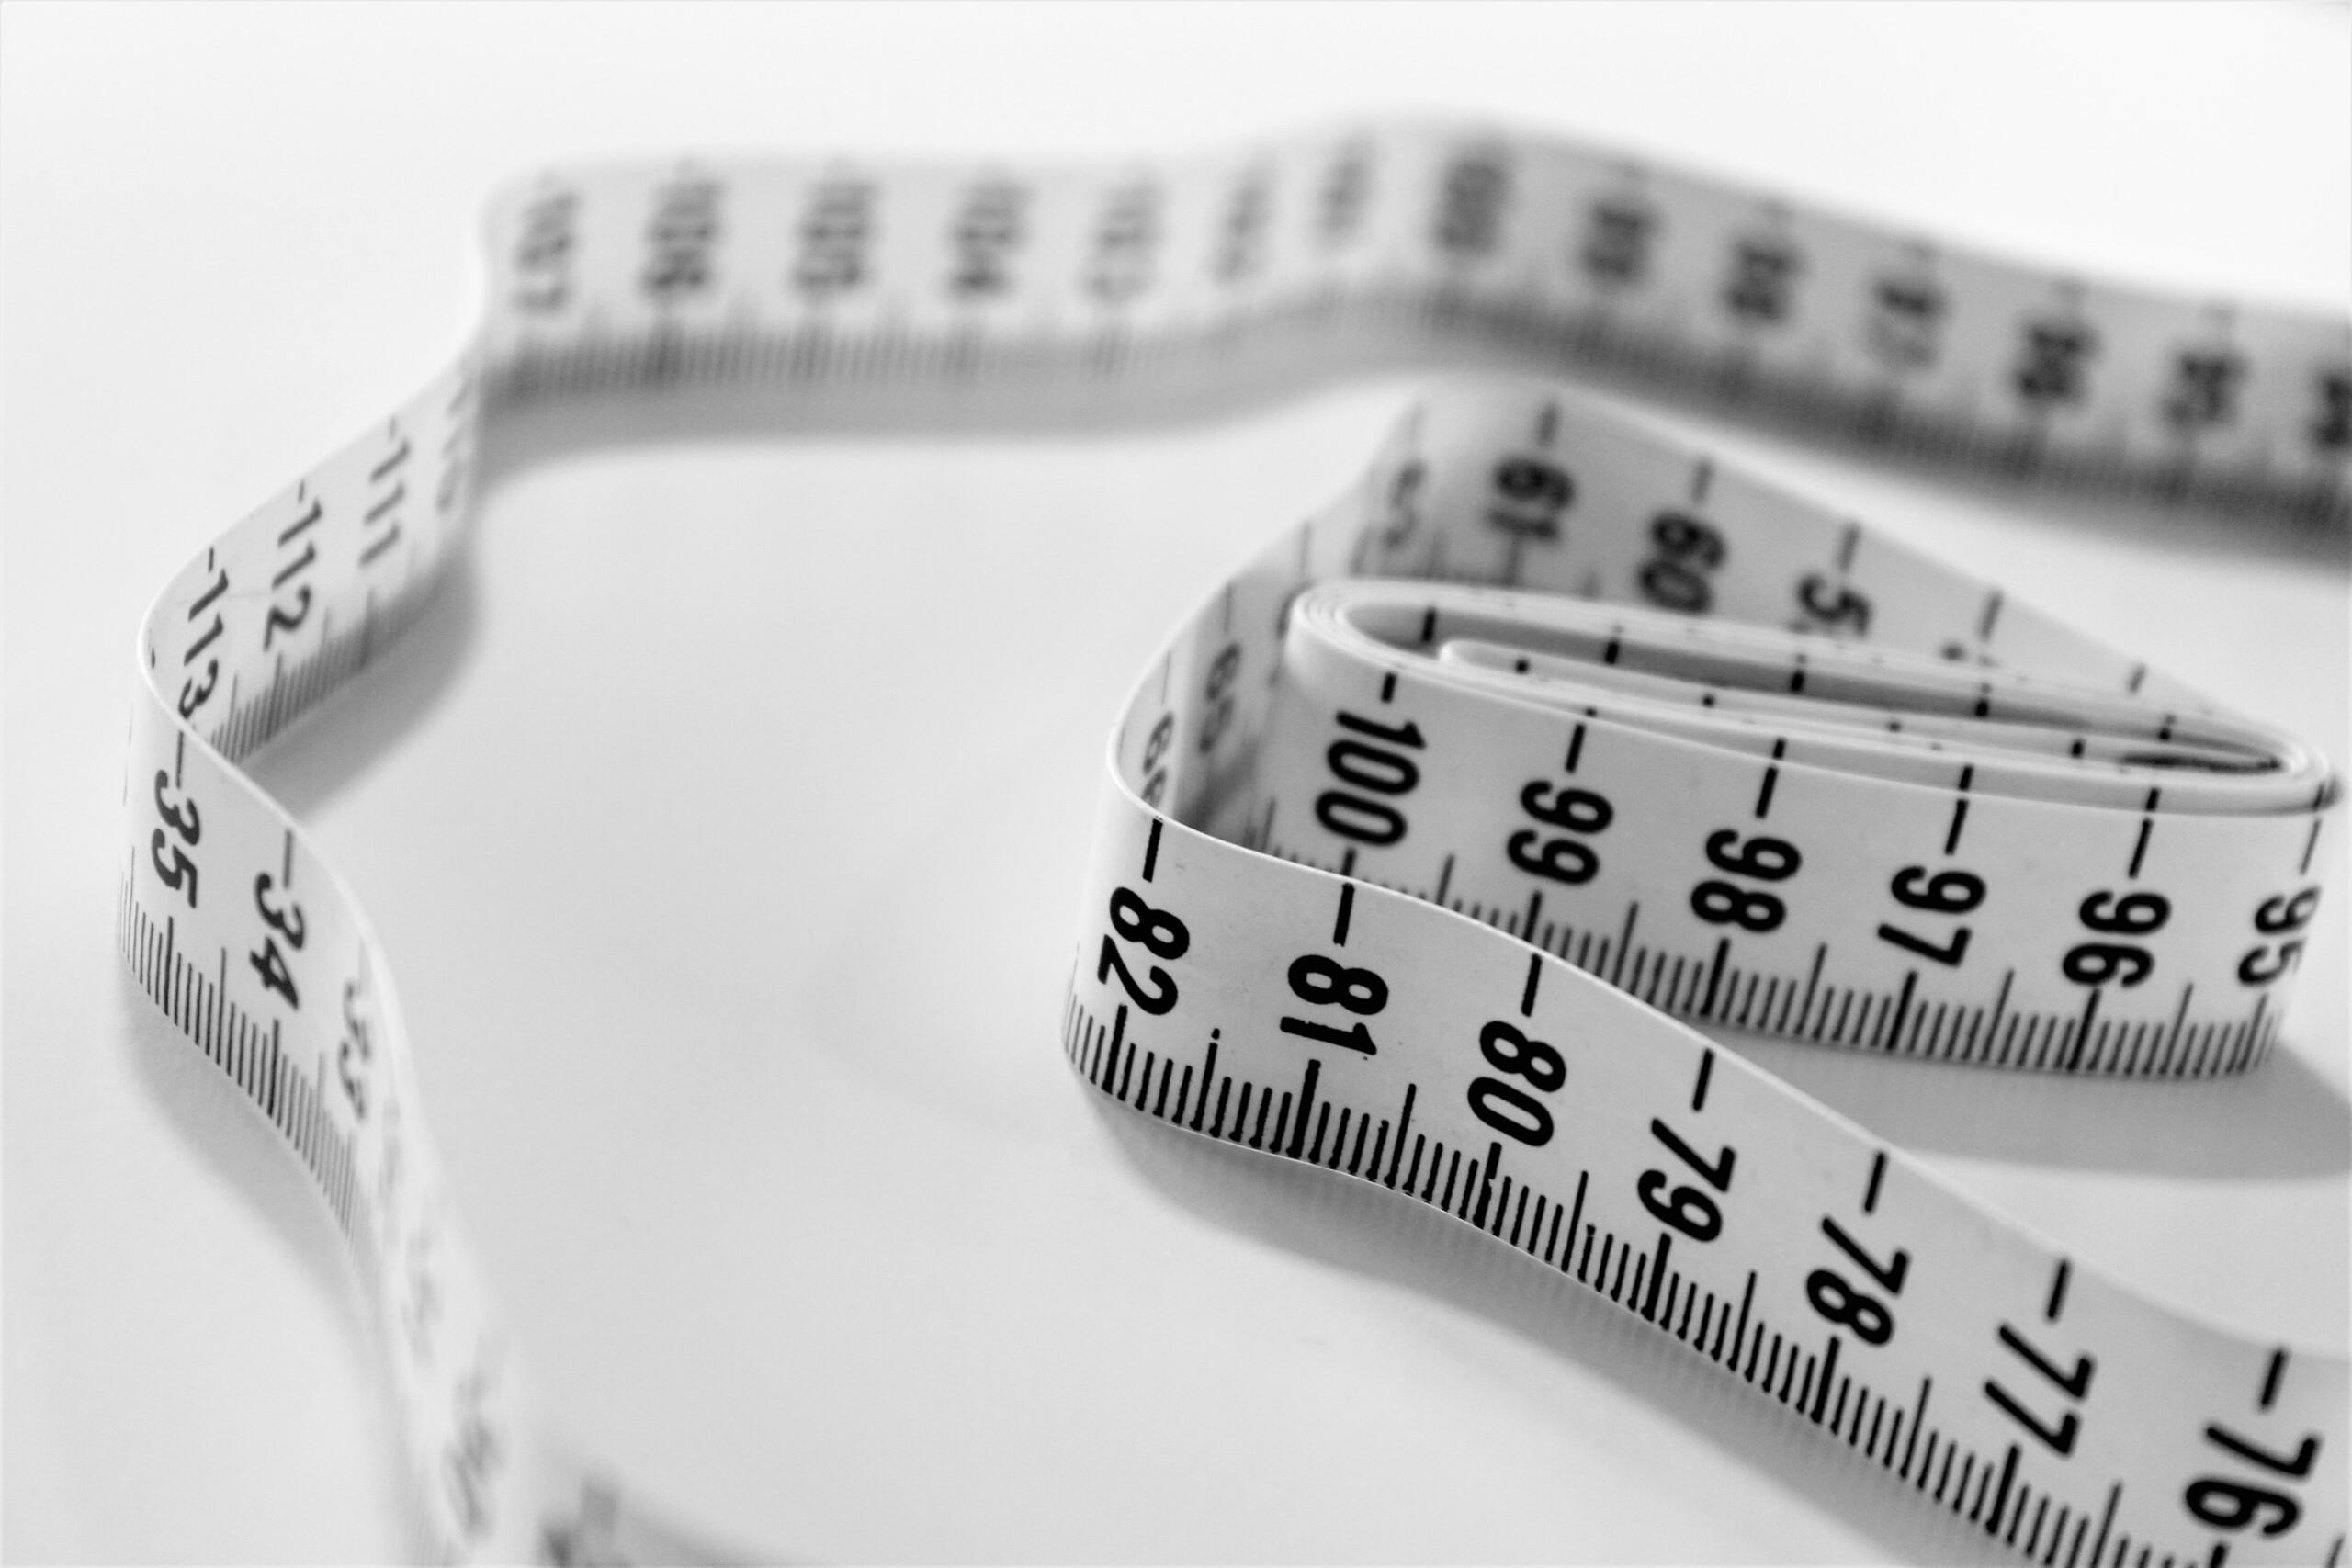 Dieta redukcyjna – co jeść na redukcji?